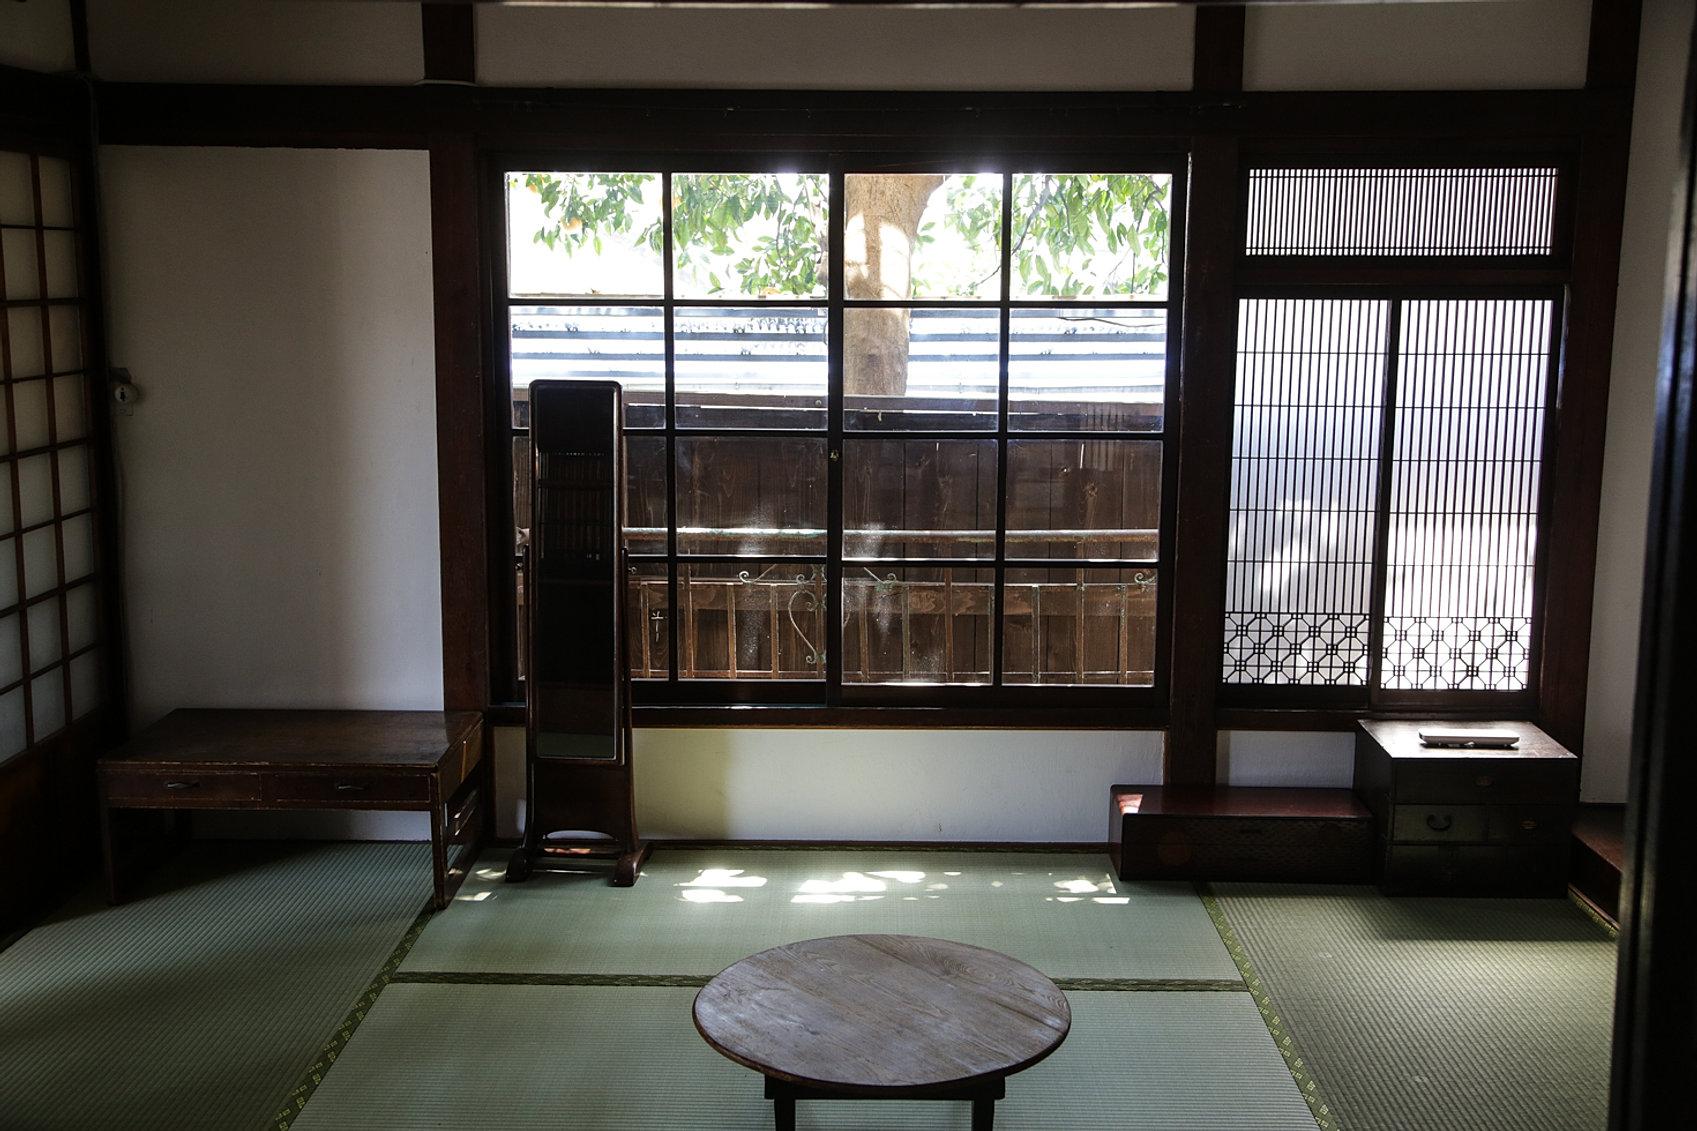 古民家 | 日本 | あ さ だ や|レンタル | 撮影 | スタジオ